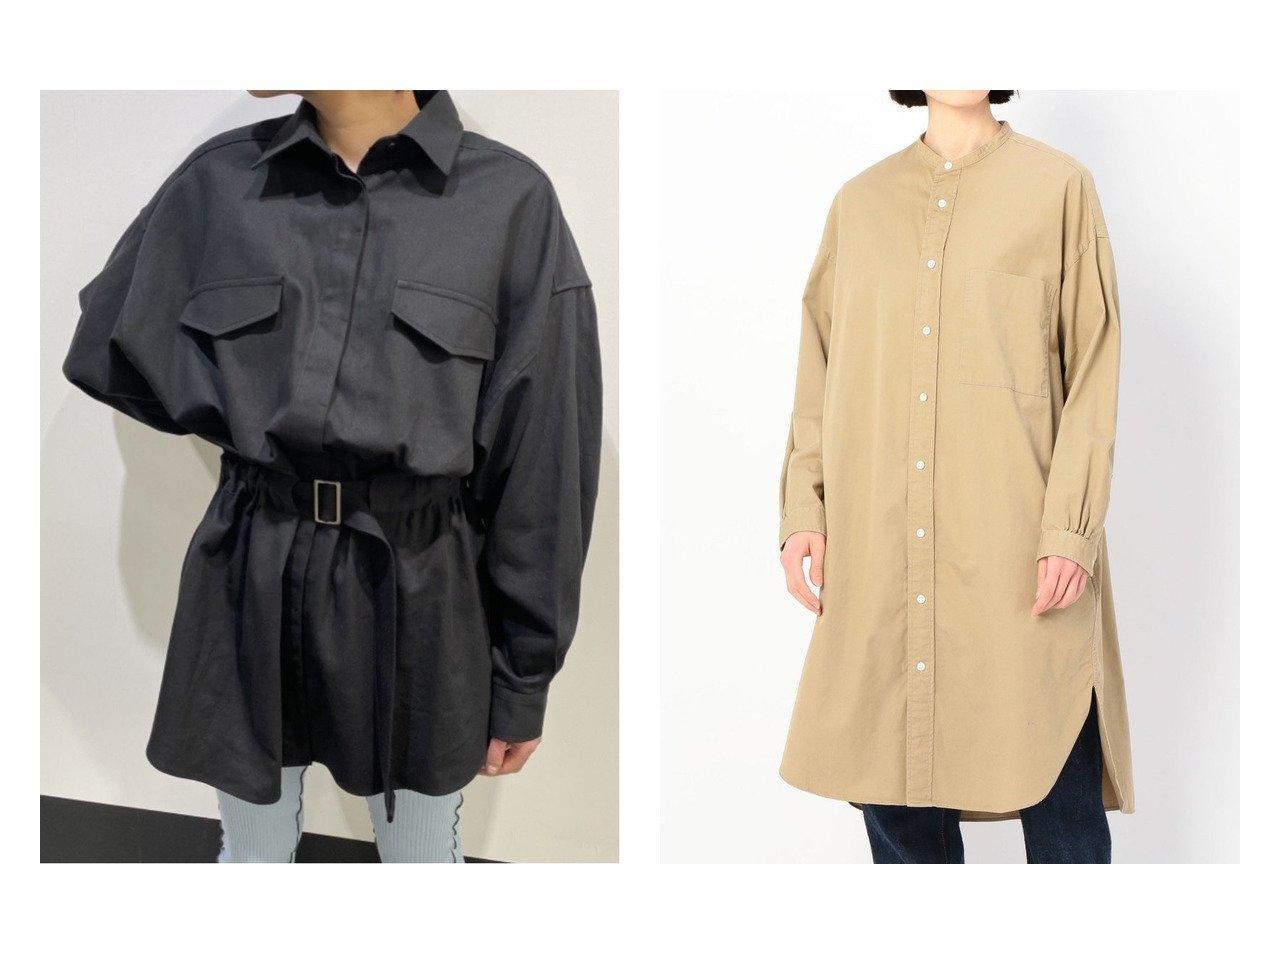 【Bshop/ビショップ】の【Gymphlex】バンドカラーワンピース VTW WOMEN&【WhipStaff/ホイップスタッフ】のbelted big shirts おすすめ!人気、トレンド・レディースファッションの通販  おすすめで人気の流行・トレンド、ファッションの通販商品 メンズファッション・キッズファッション・インテリア・家具・レディースファッション・服の通販 founy(ファニー) https://founy.com/ ファッション Fashion レディースファッション WOMEN トップス・カットソー Tops/Tshirt シャツ/ブラウス Shirts/Blouses ワンピース Dress シャツワンピース Shirt Dresses おすすめ Recommend バランス ビッグ フラップ ポケット ストライプ ドレス リネン 無地 羽織 |ID:crp329100000036455